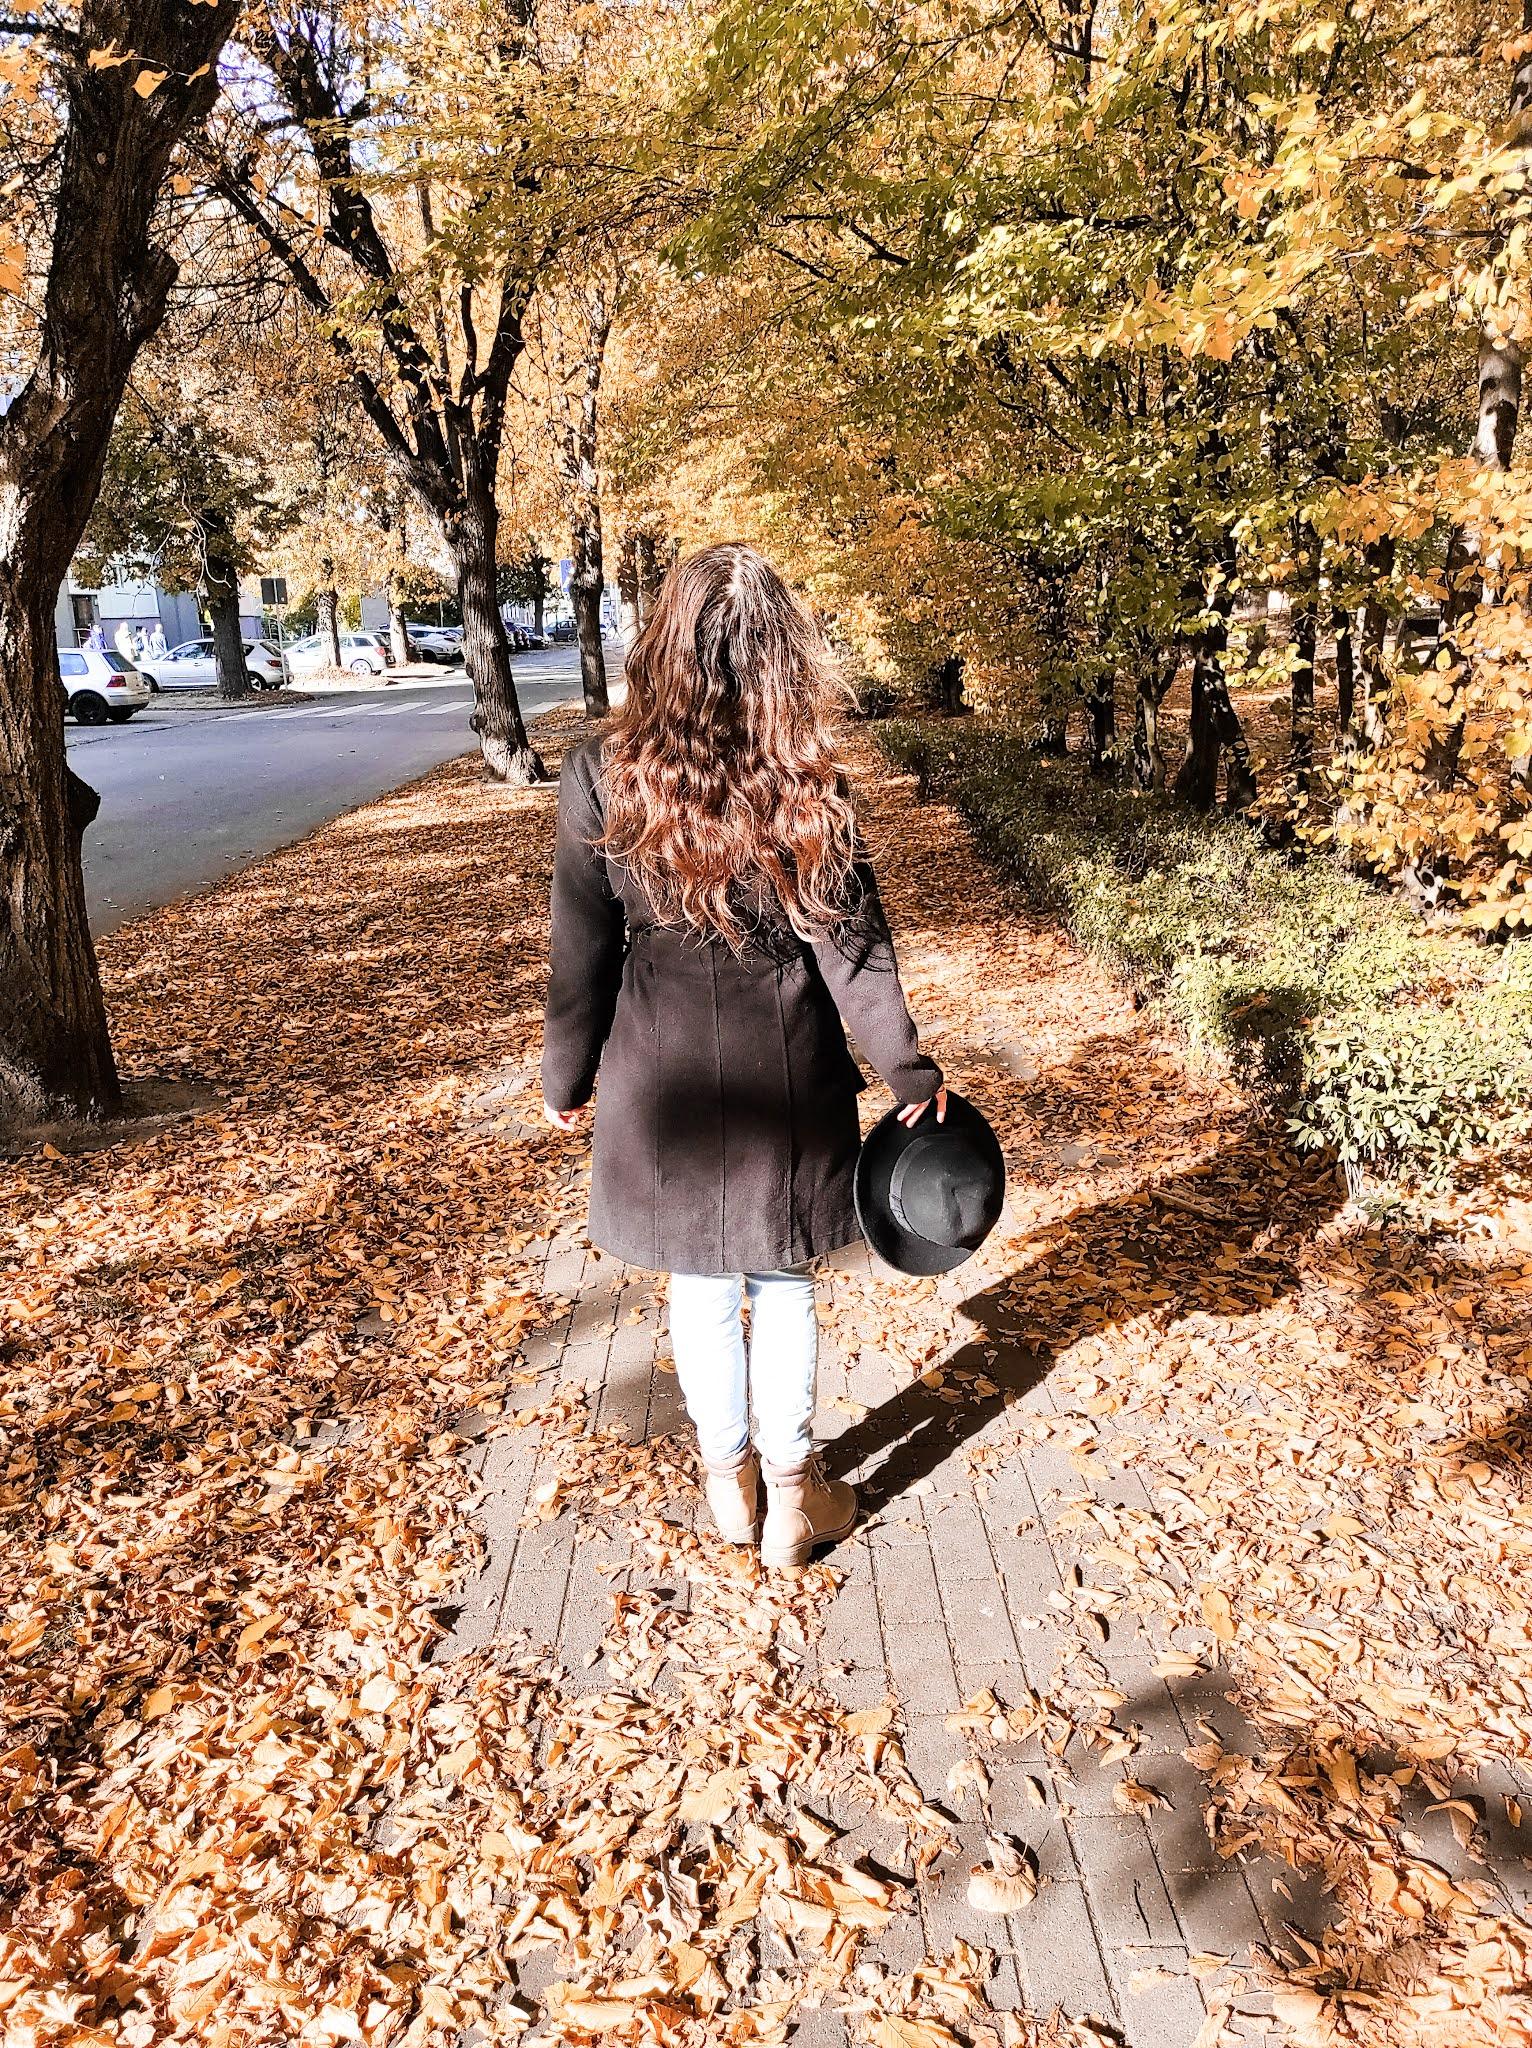 Bodyshaming - co to? Jesienny spacer. Spacer jesienią. Jesienny autoportret.